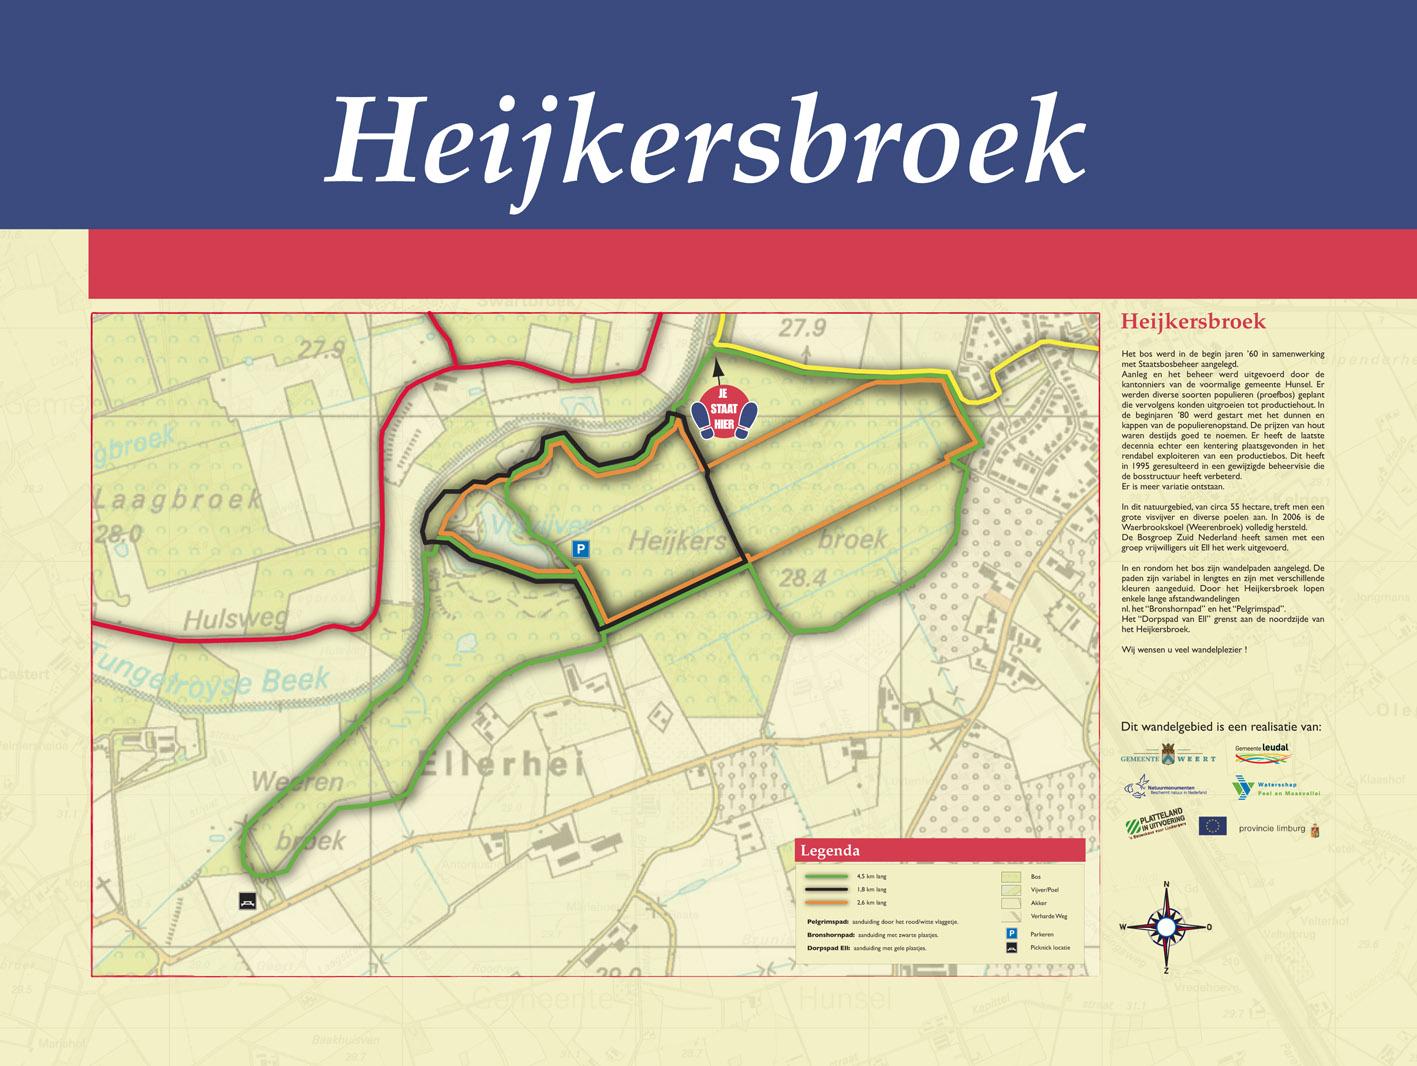 Wandelroute Heijkersbroek Ell 2